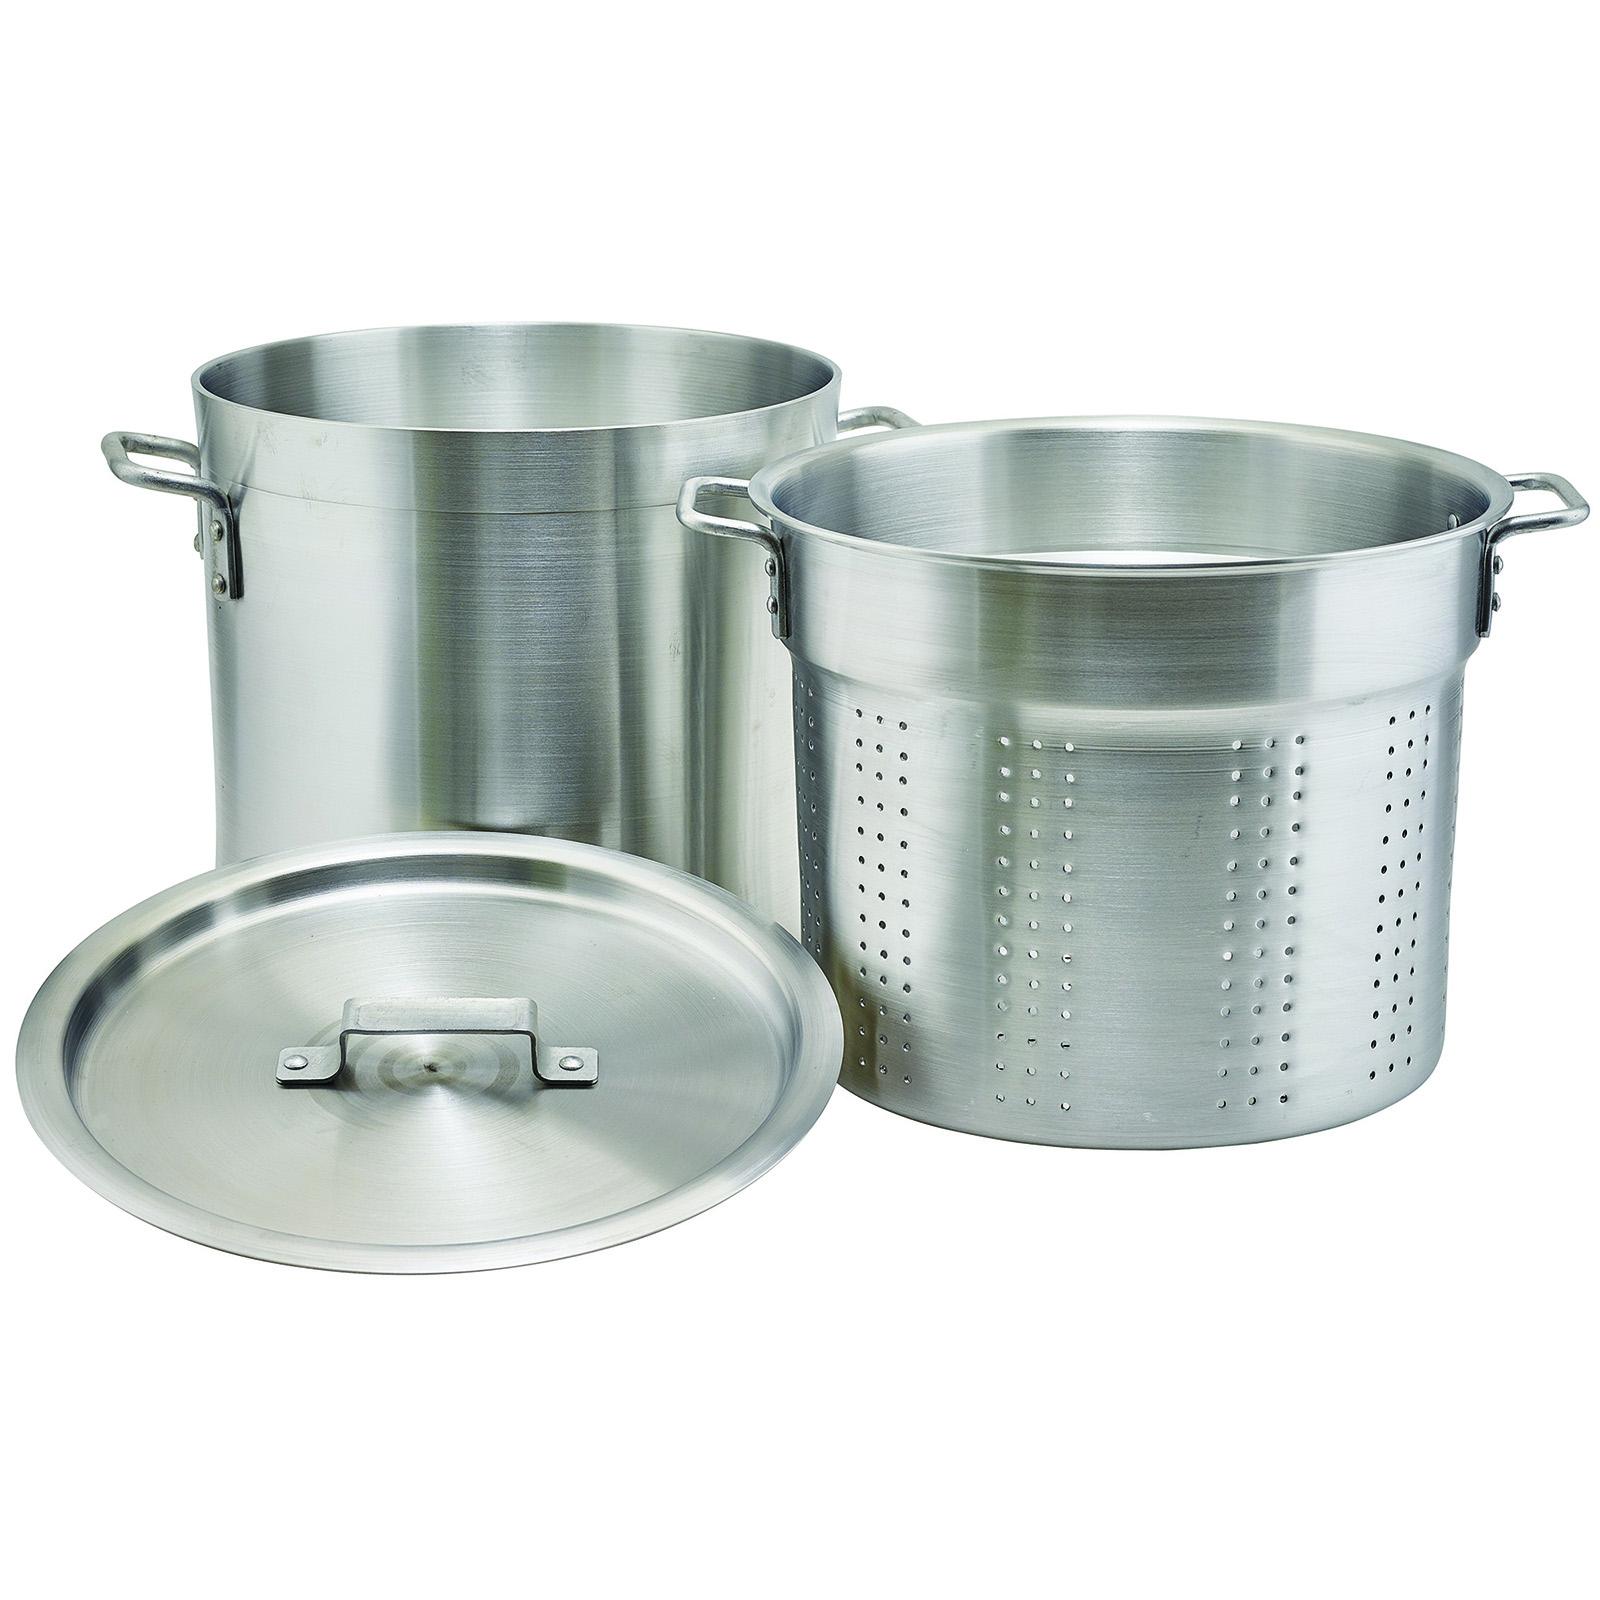 Winco ALDB-20S double boiler